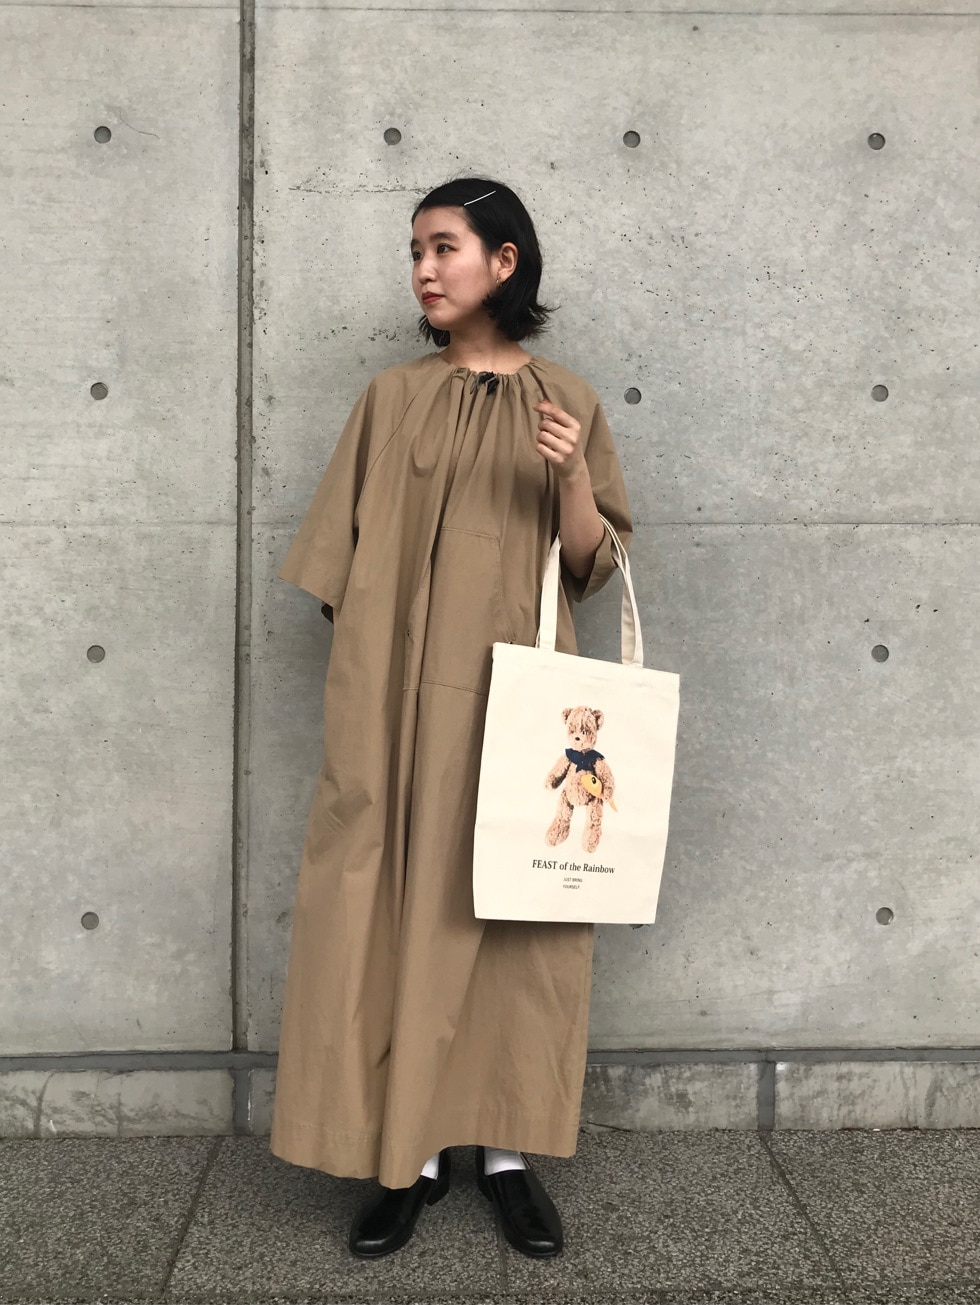 l'atelier du savon 東京スカイツリータウン・ソラマチ 身長:152cm 2020.07.31